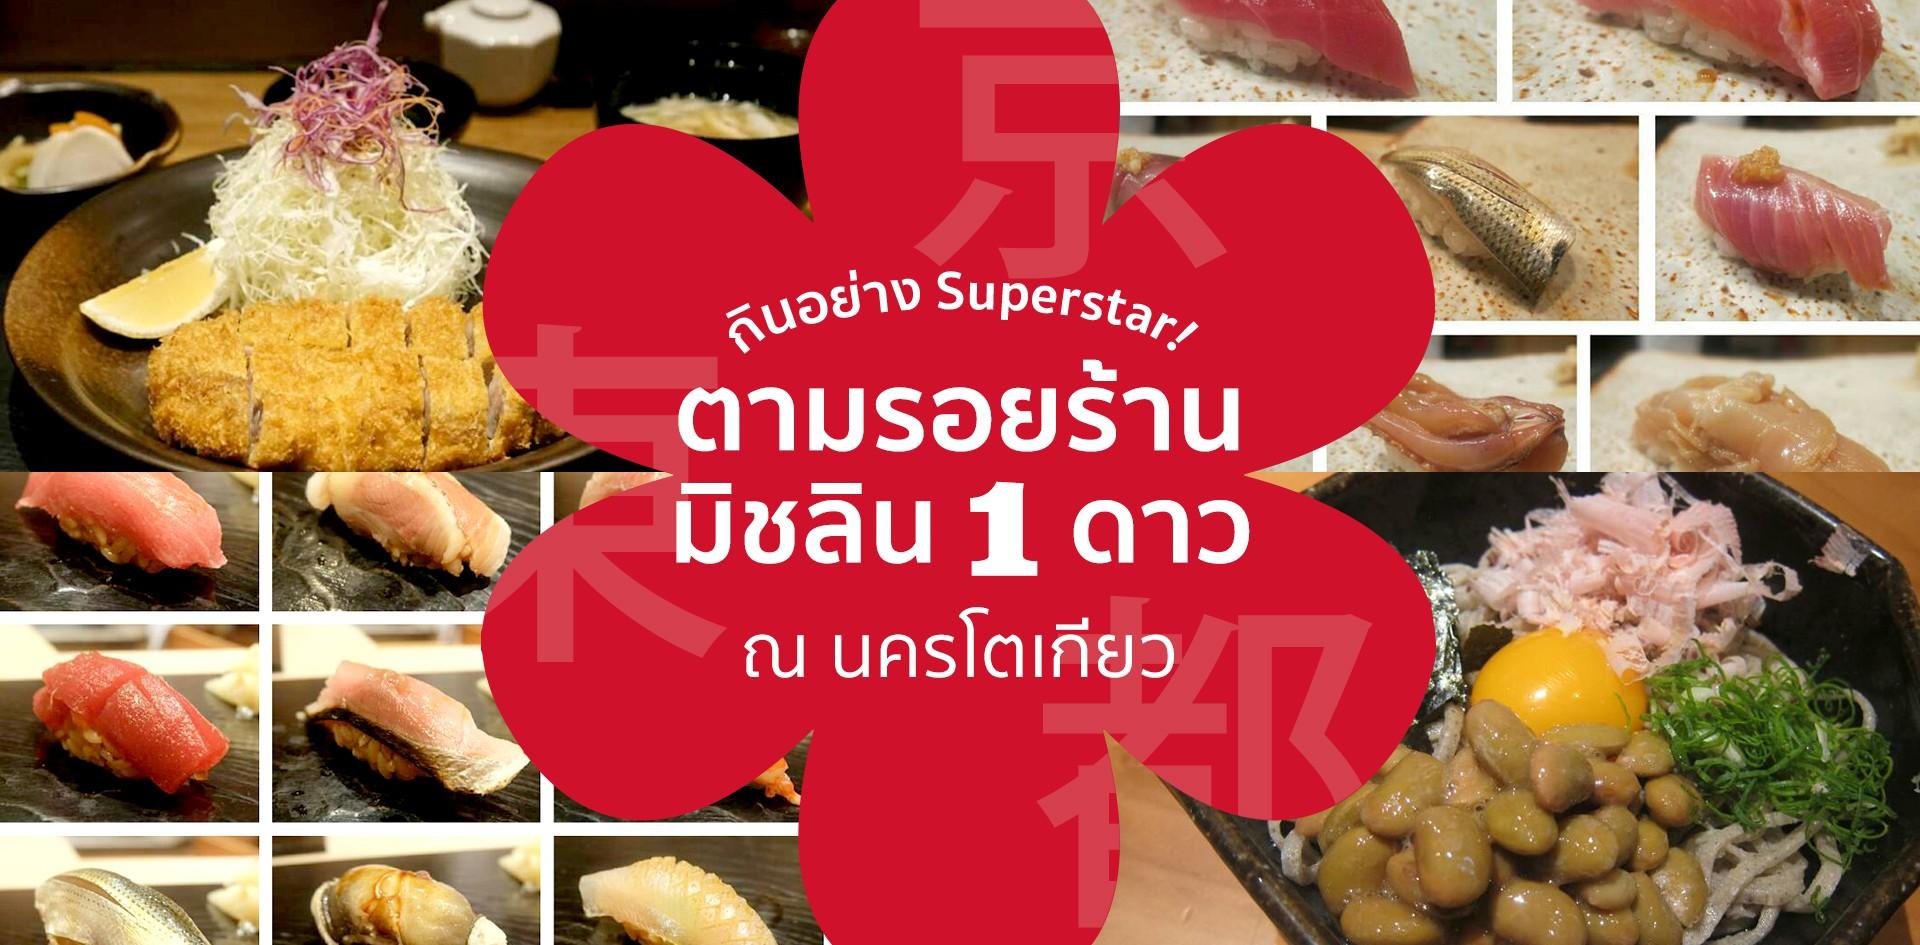 กินอย่าง Superstar! ตามรอยร้านมิชลิน 1 ดาว ณ นครโตเกียว